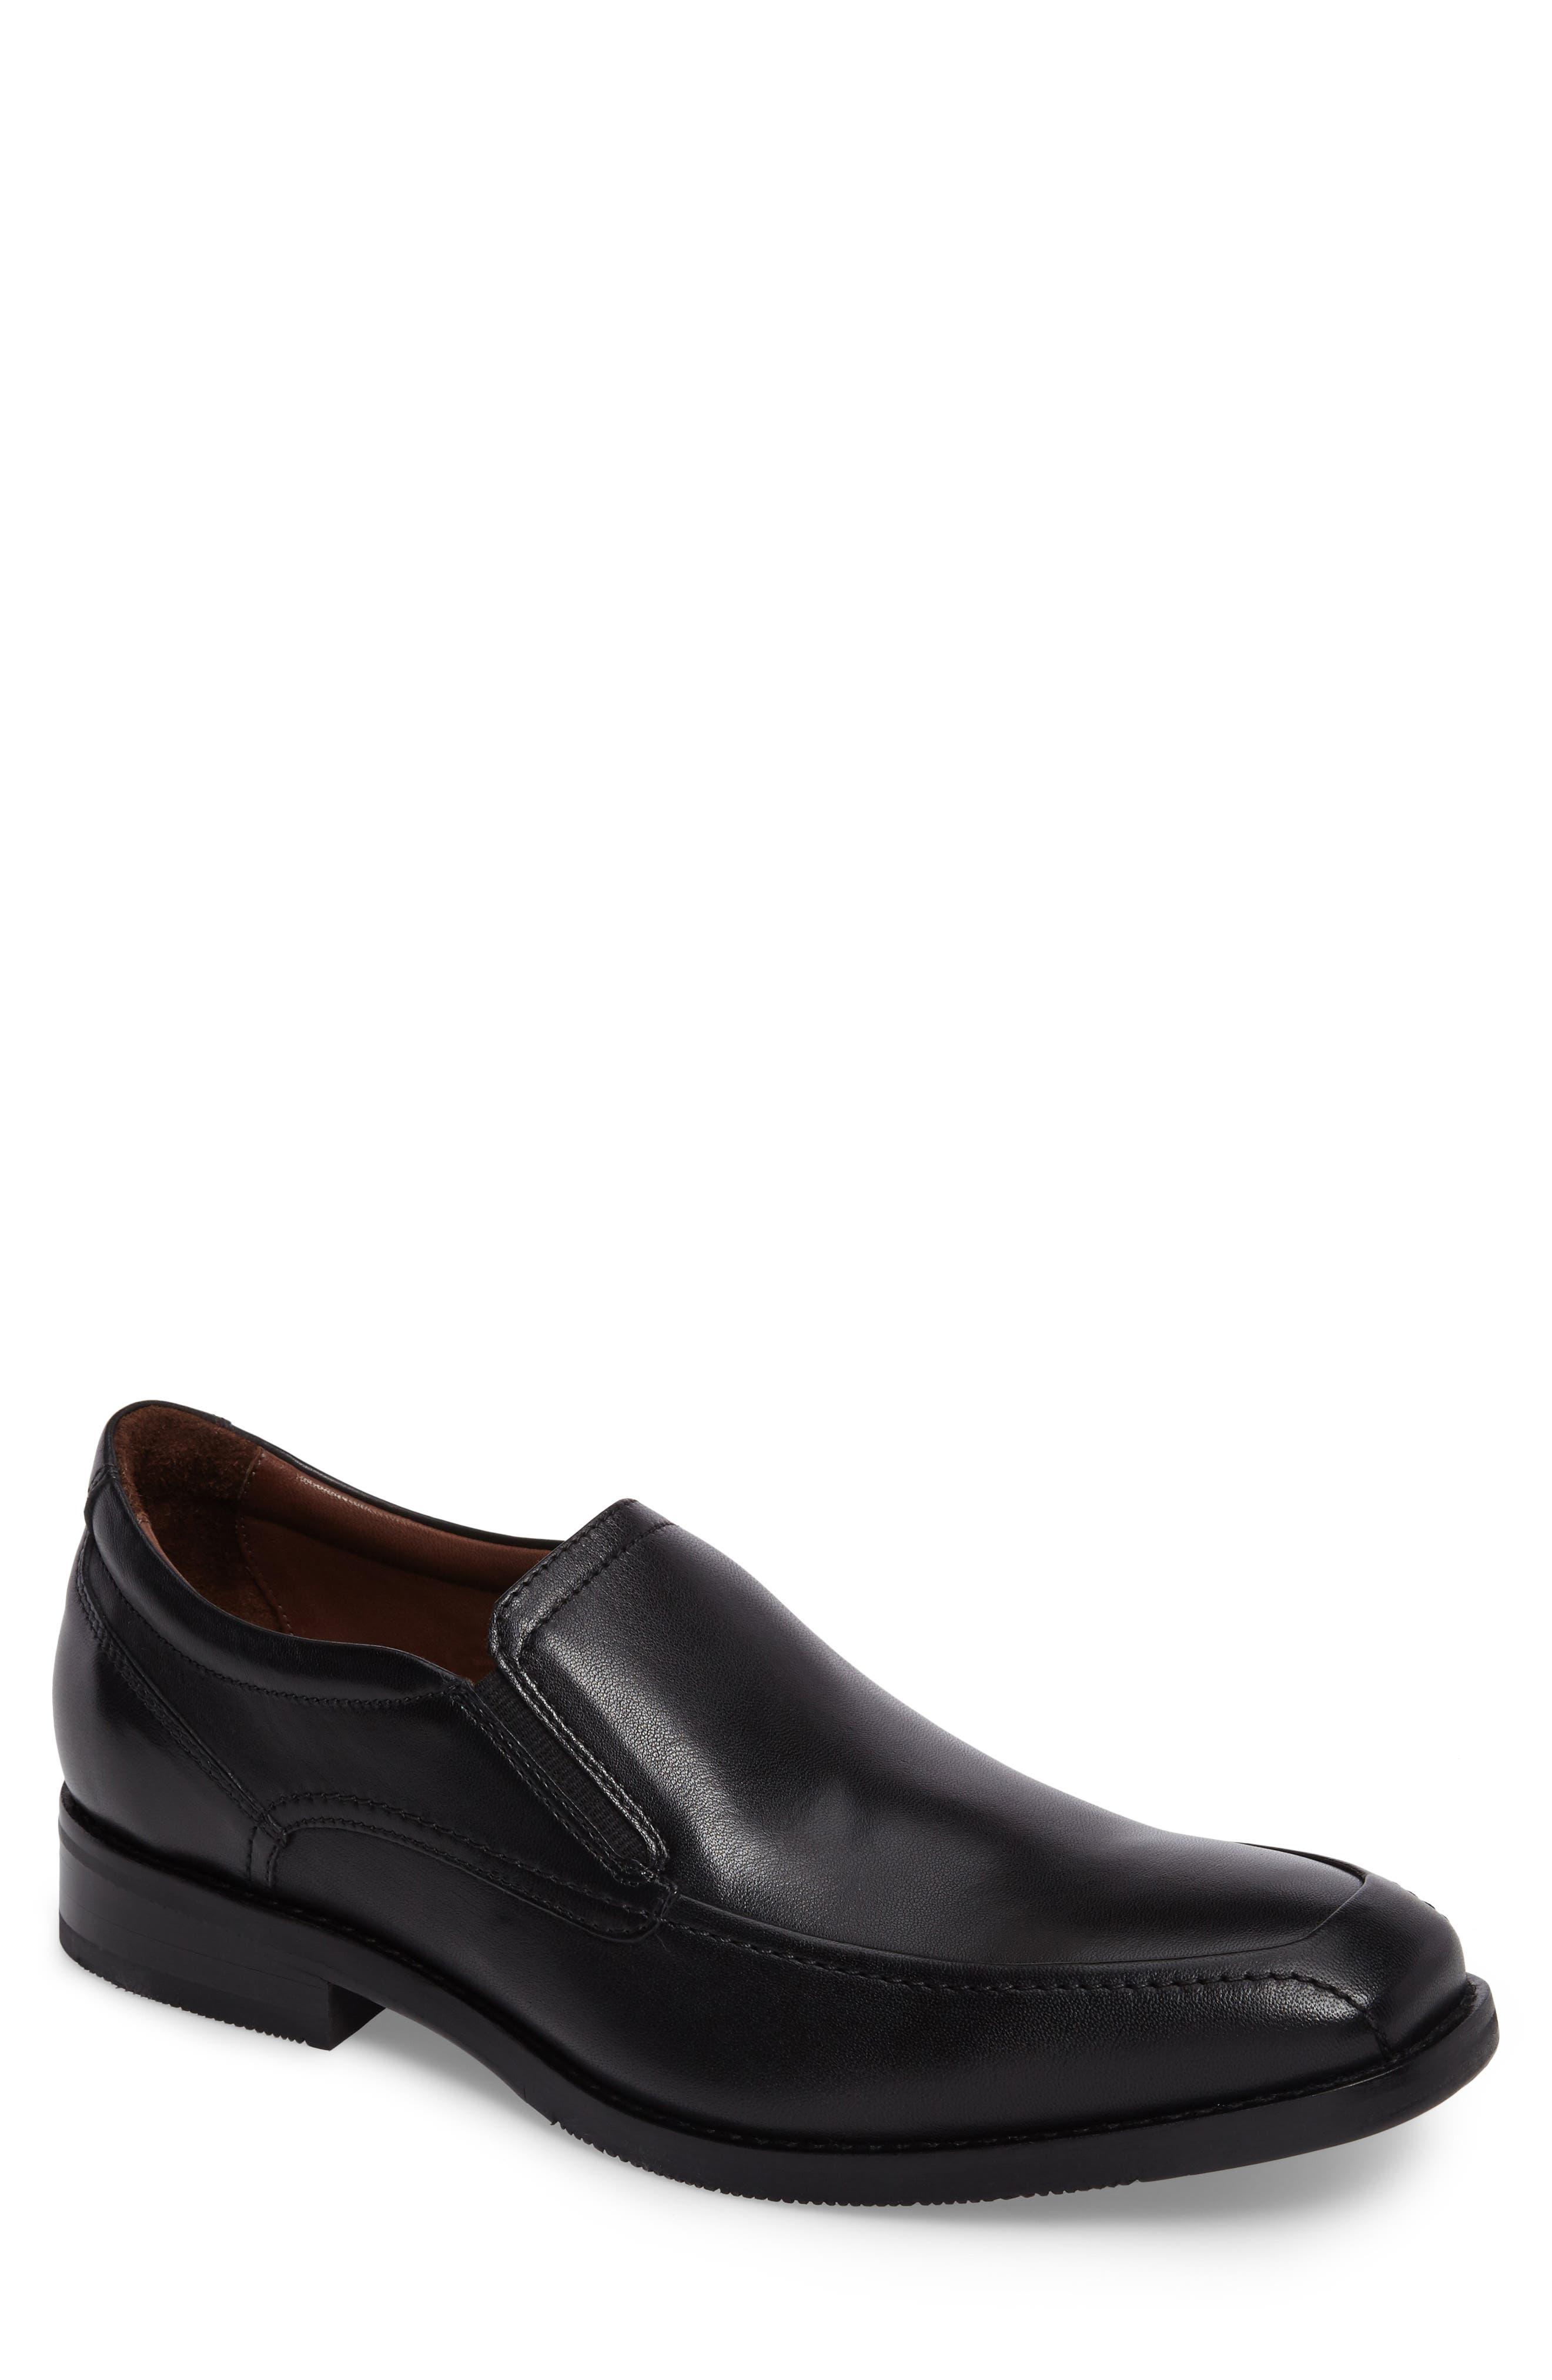 Bartlett Loafer,                         Main,                         color, BLACK